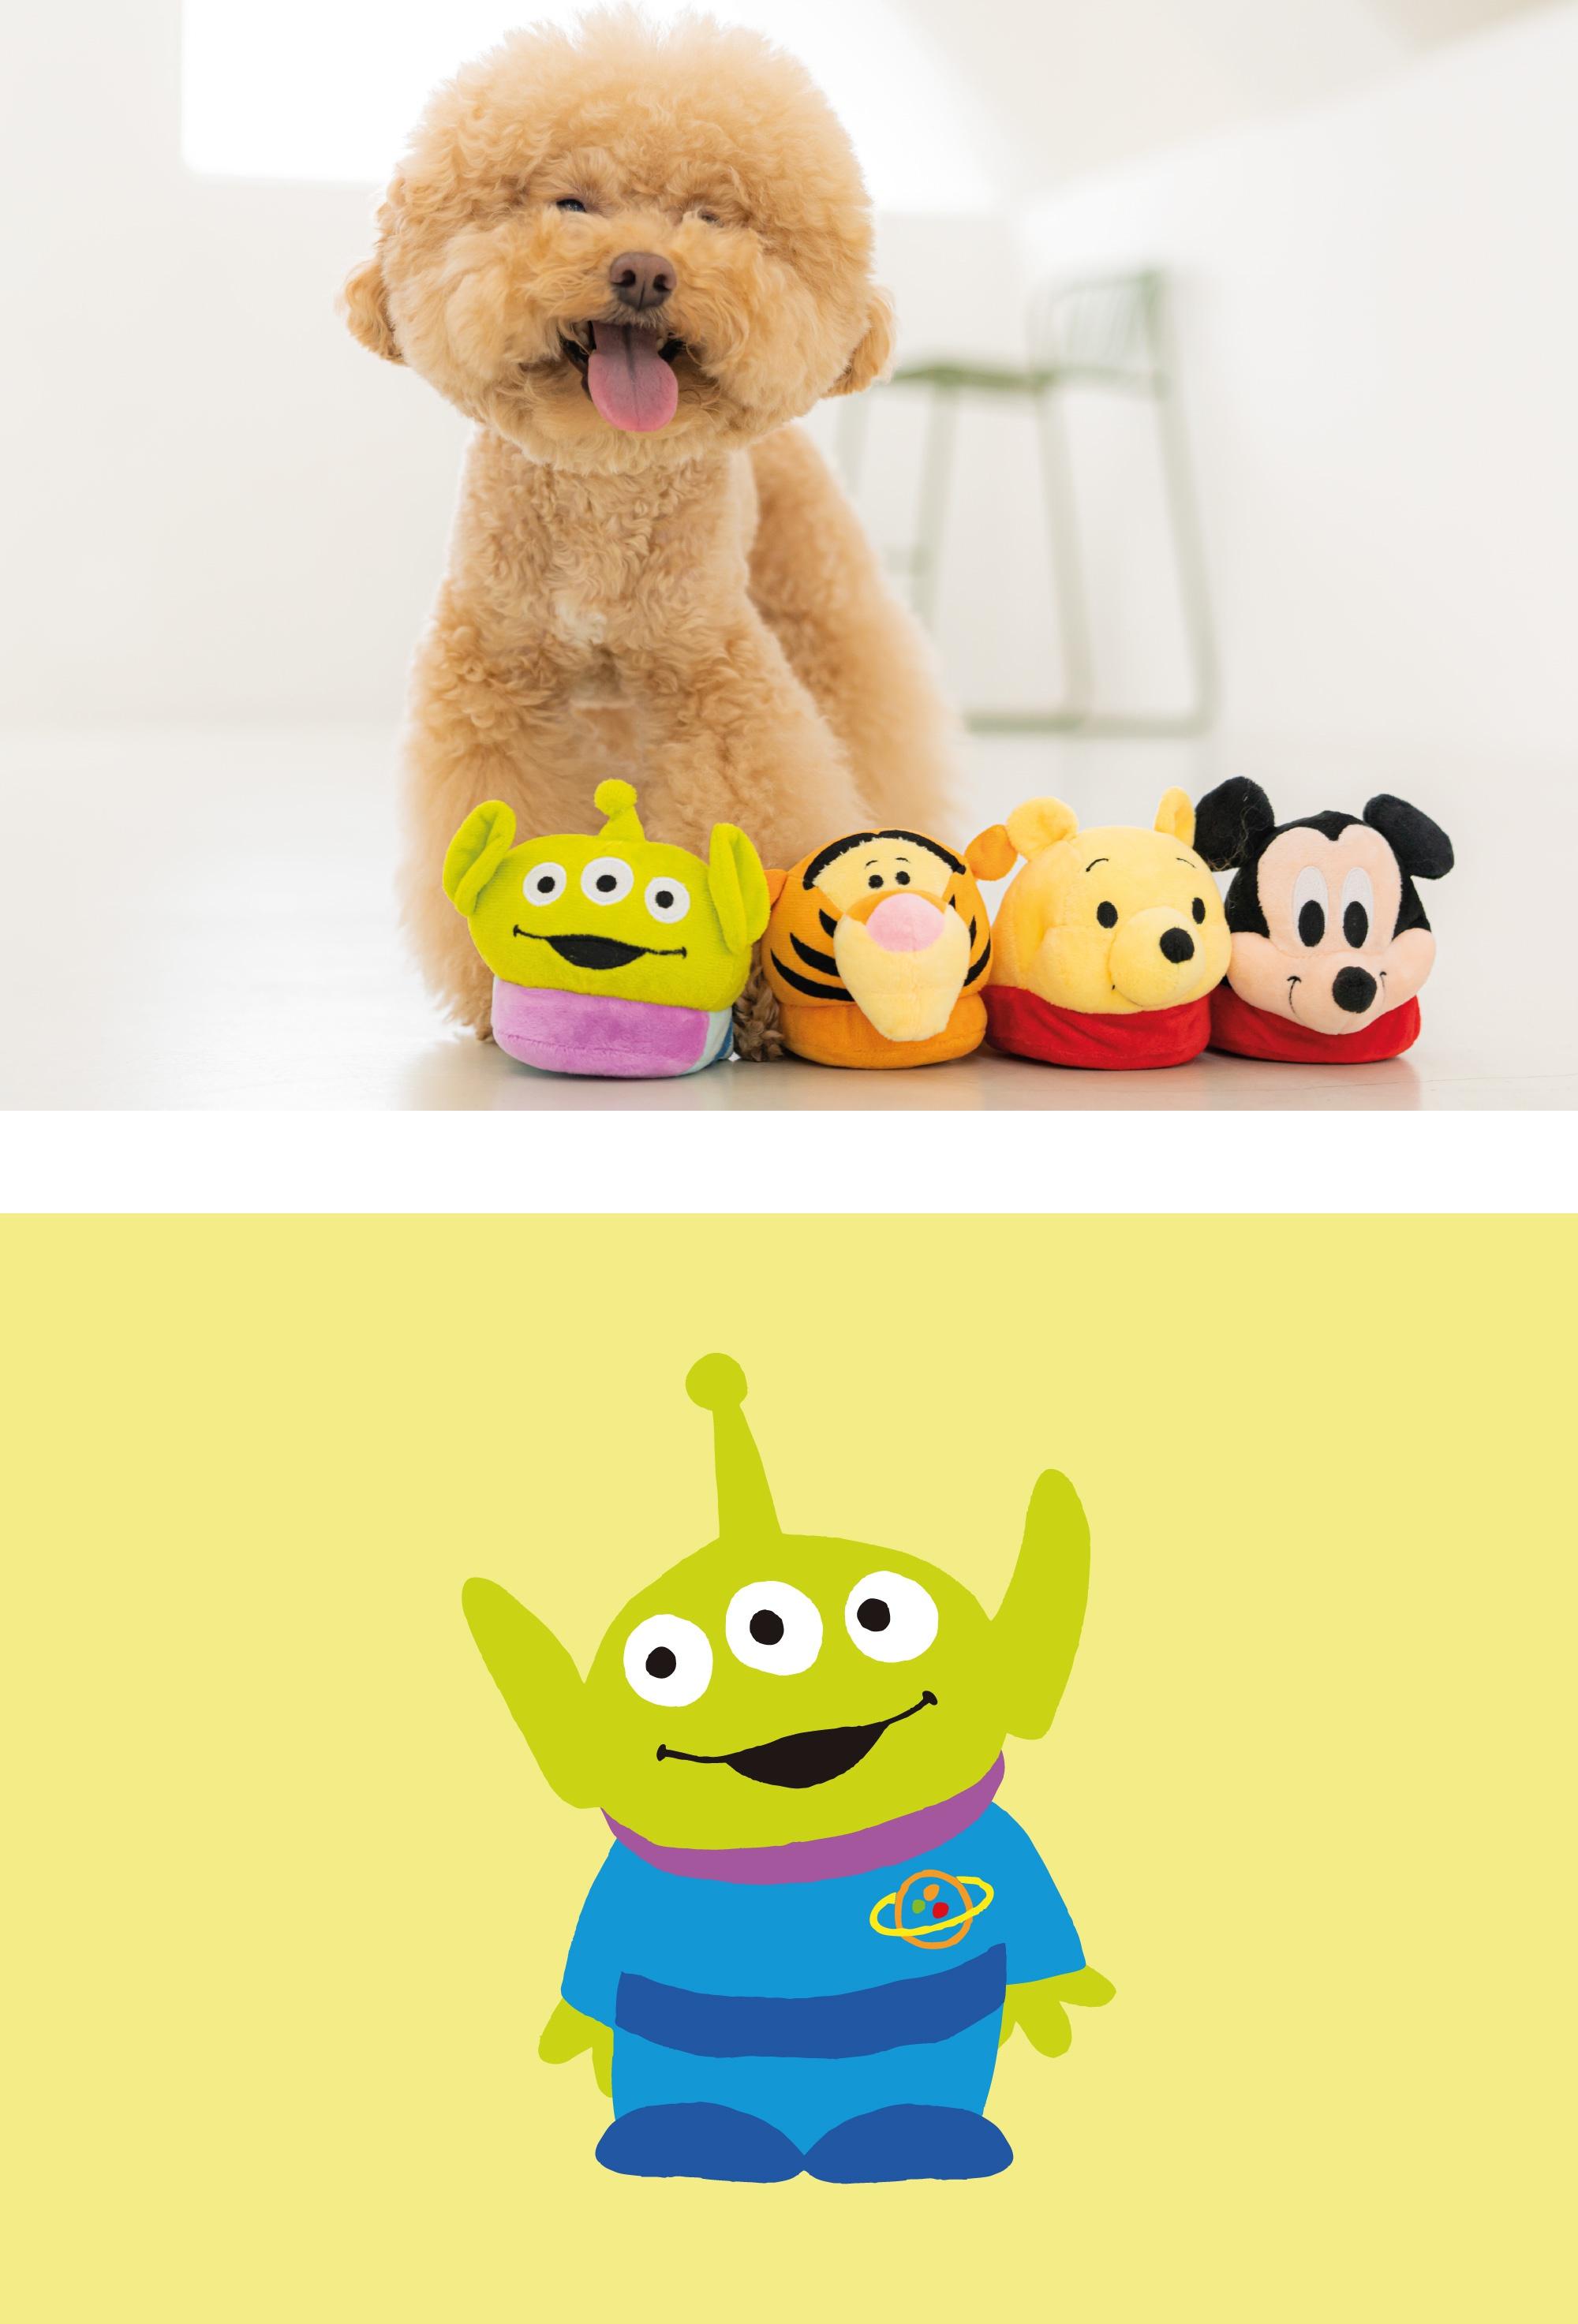 댄 토이스토리 슬리퍼 장난감 에일리언-상품이미지-2